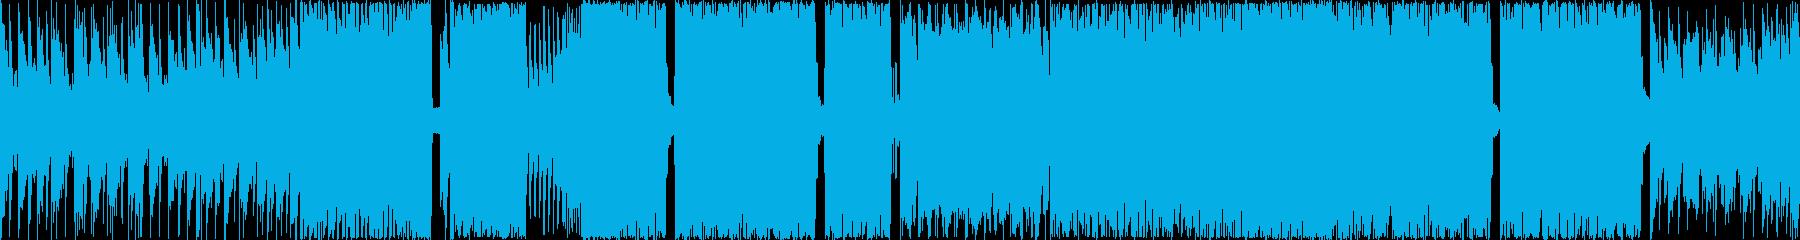 ループ可能な陽気で控えめのスローテンポ曲の再生済みの波形